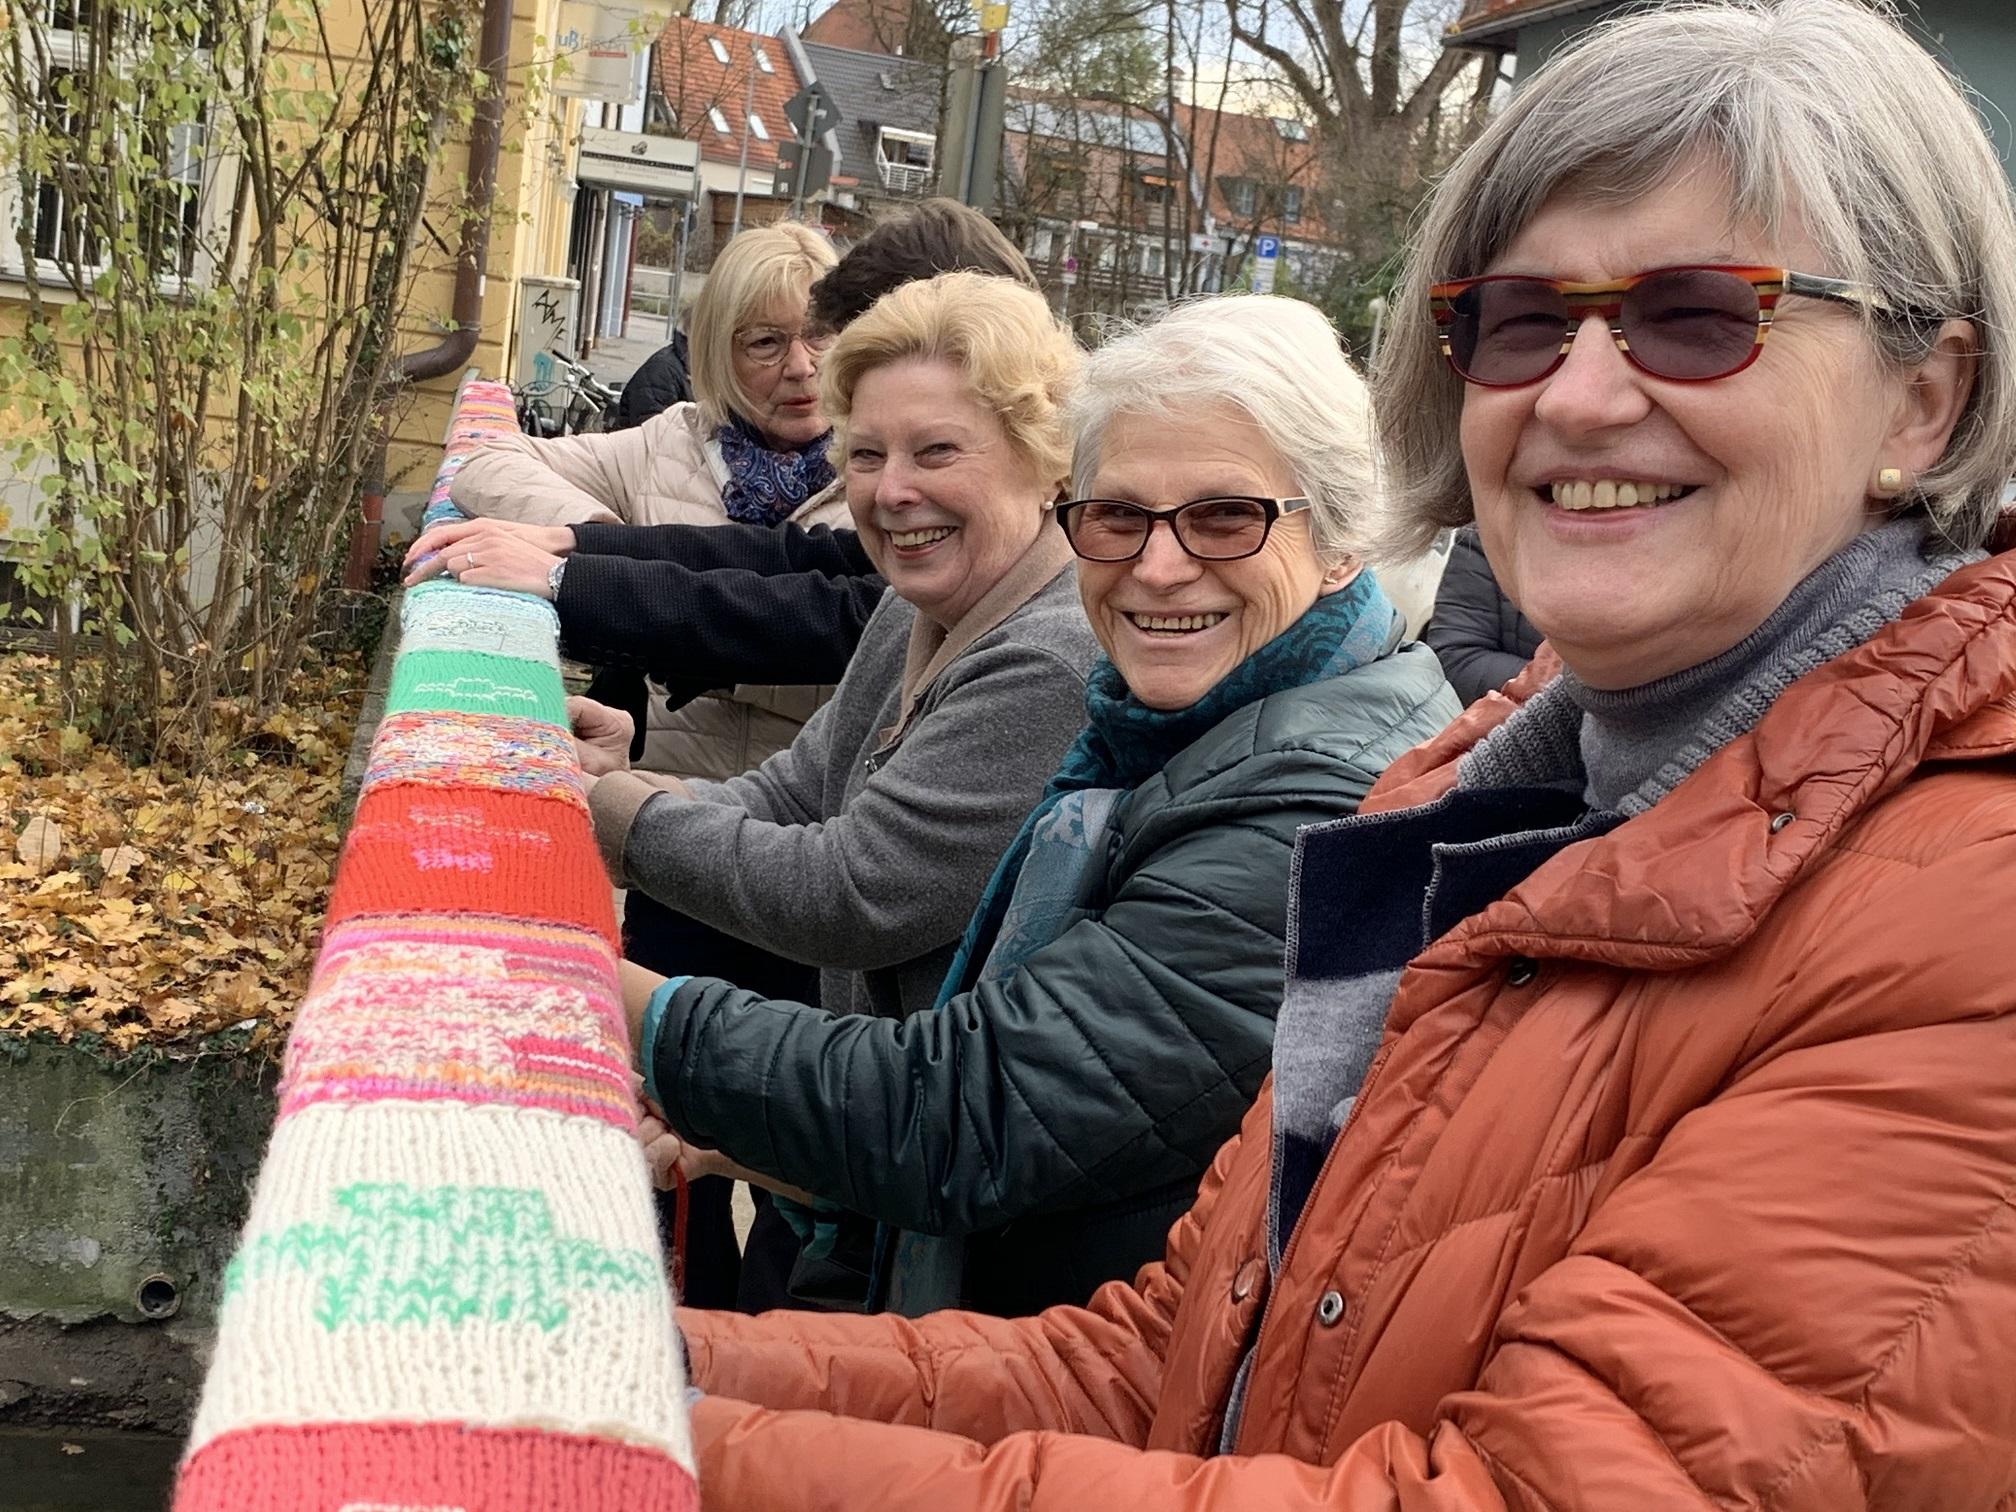 von rechts nach links: Gabriele Sölter (orange Jacke), Brigitte Göttler und Heide Schmetzer nähen die Wollrechtecke am Brückengeländer fest.